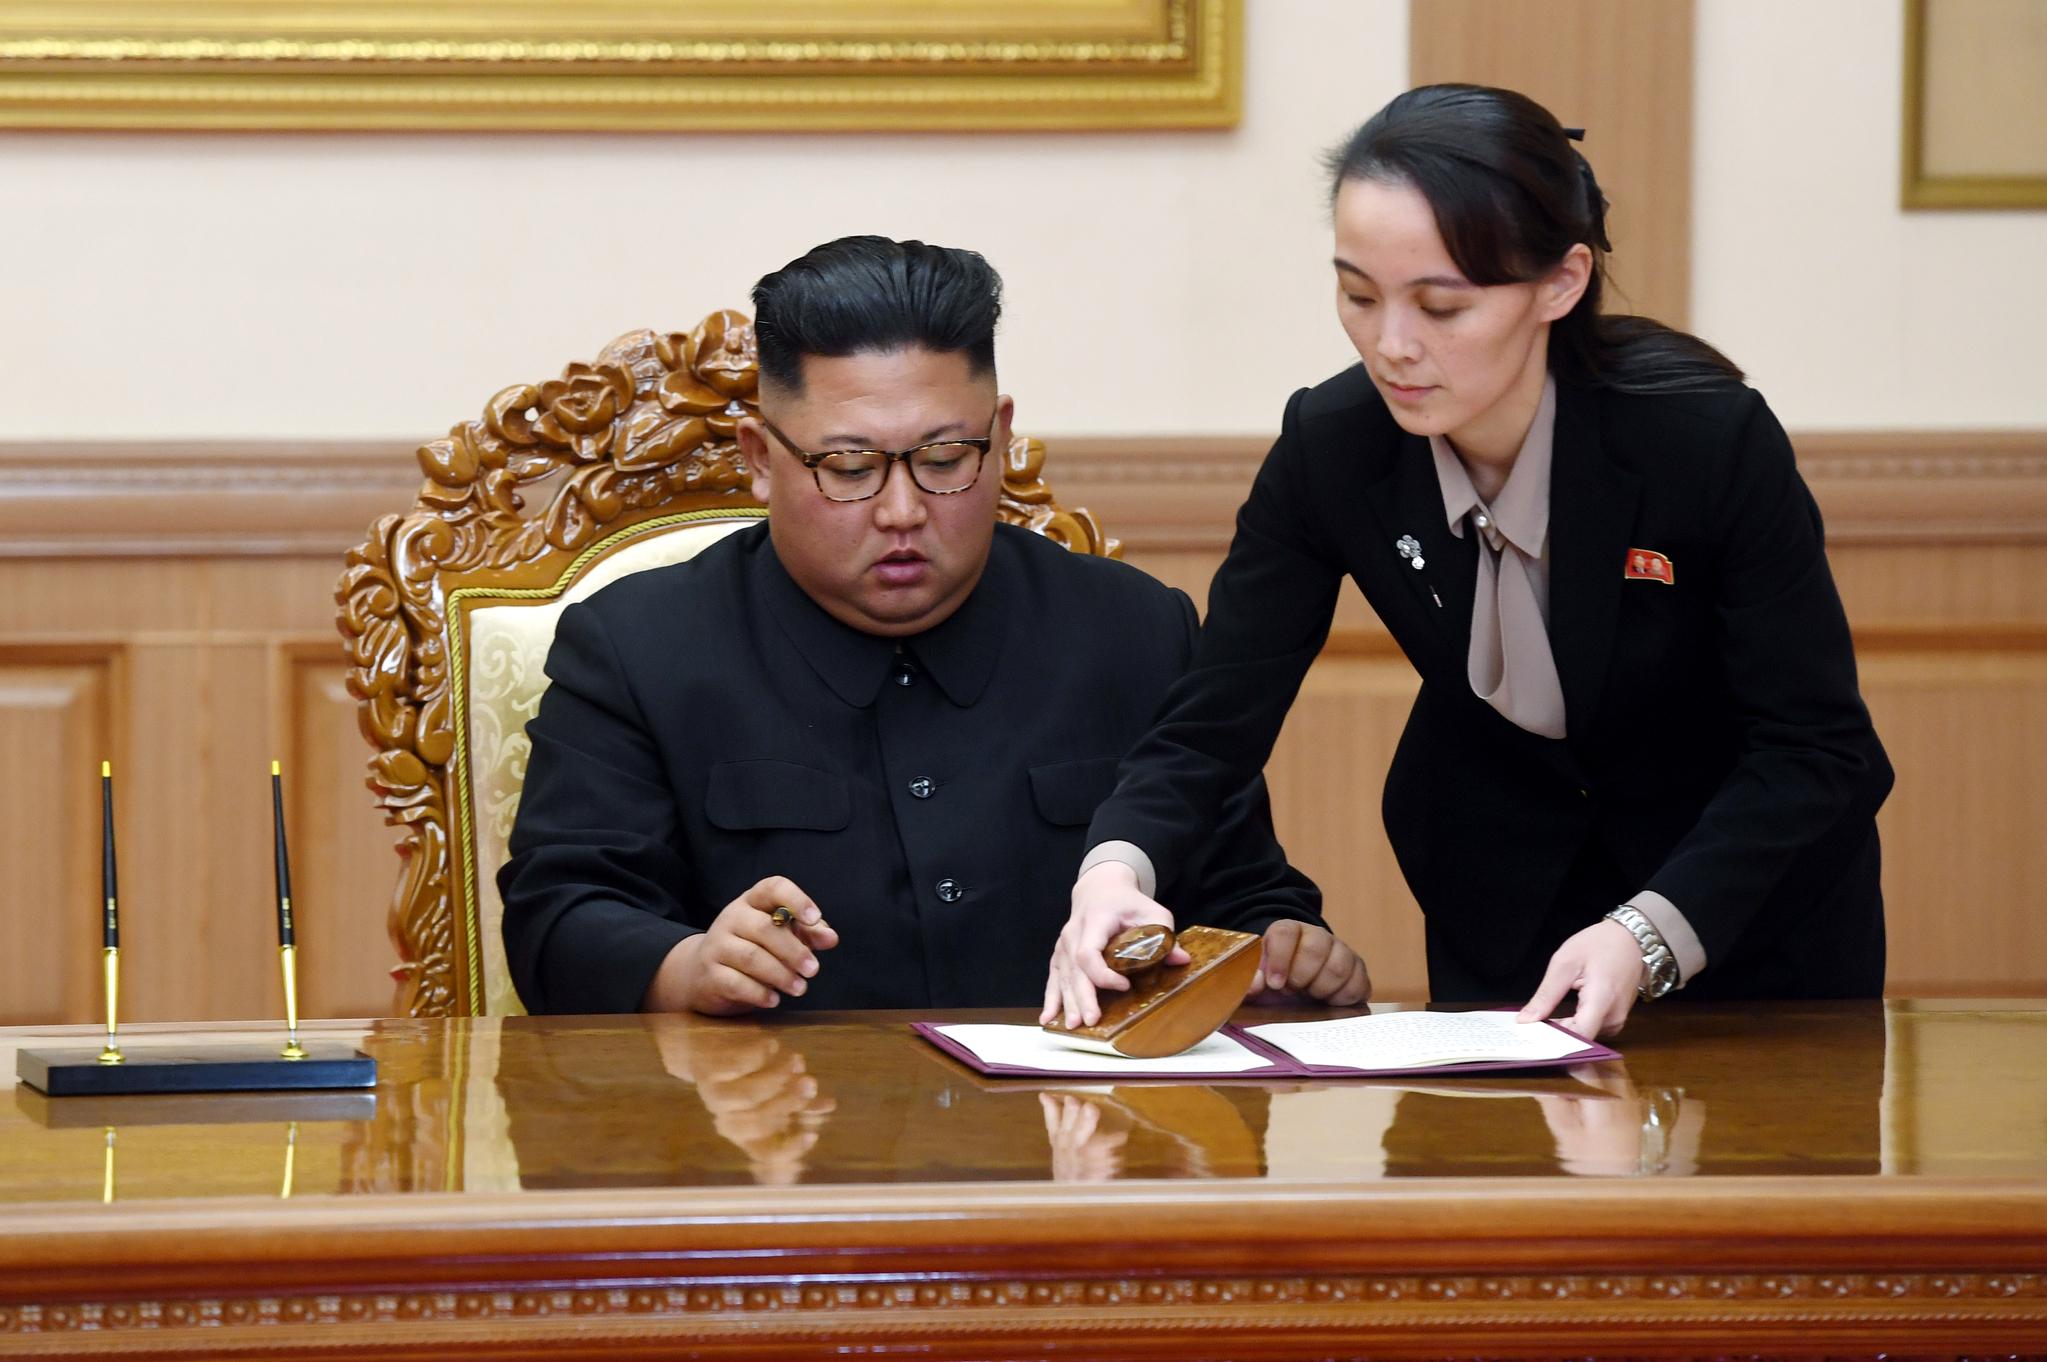 김정은 국무위원장이 19일 오전 평양 백화원 영빈관에서 열린 평양공동선언 합의문에 서명하고 있다. [평양사진공동취재단]